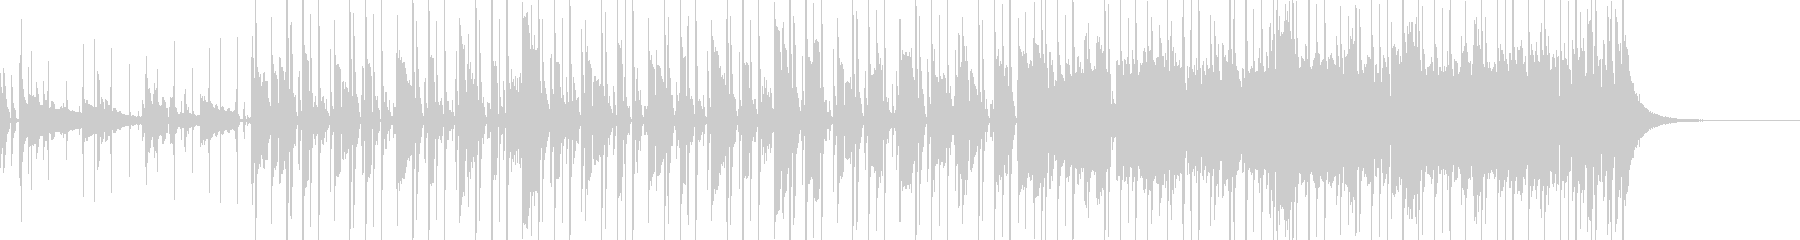 フュージョン ジャズ ファンク ブ...の未再生の波形